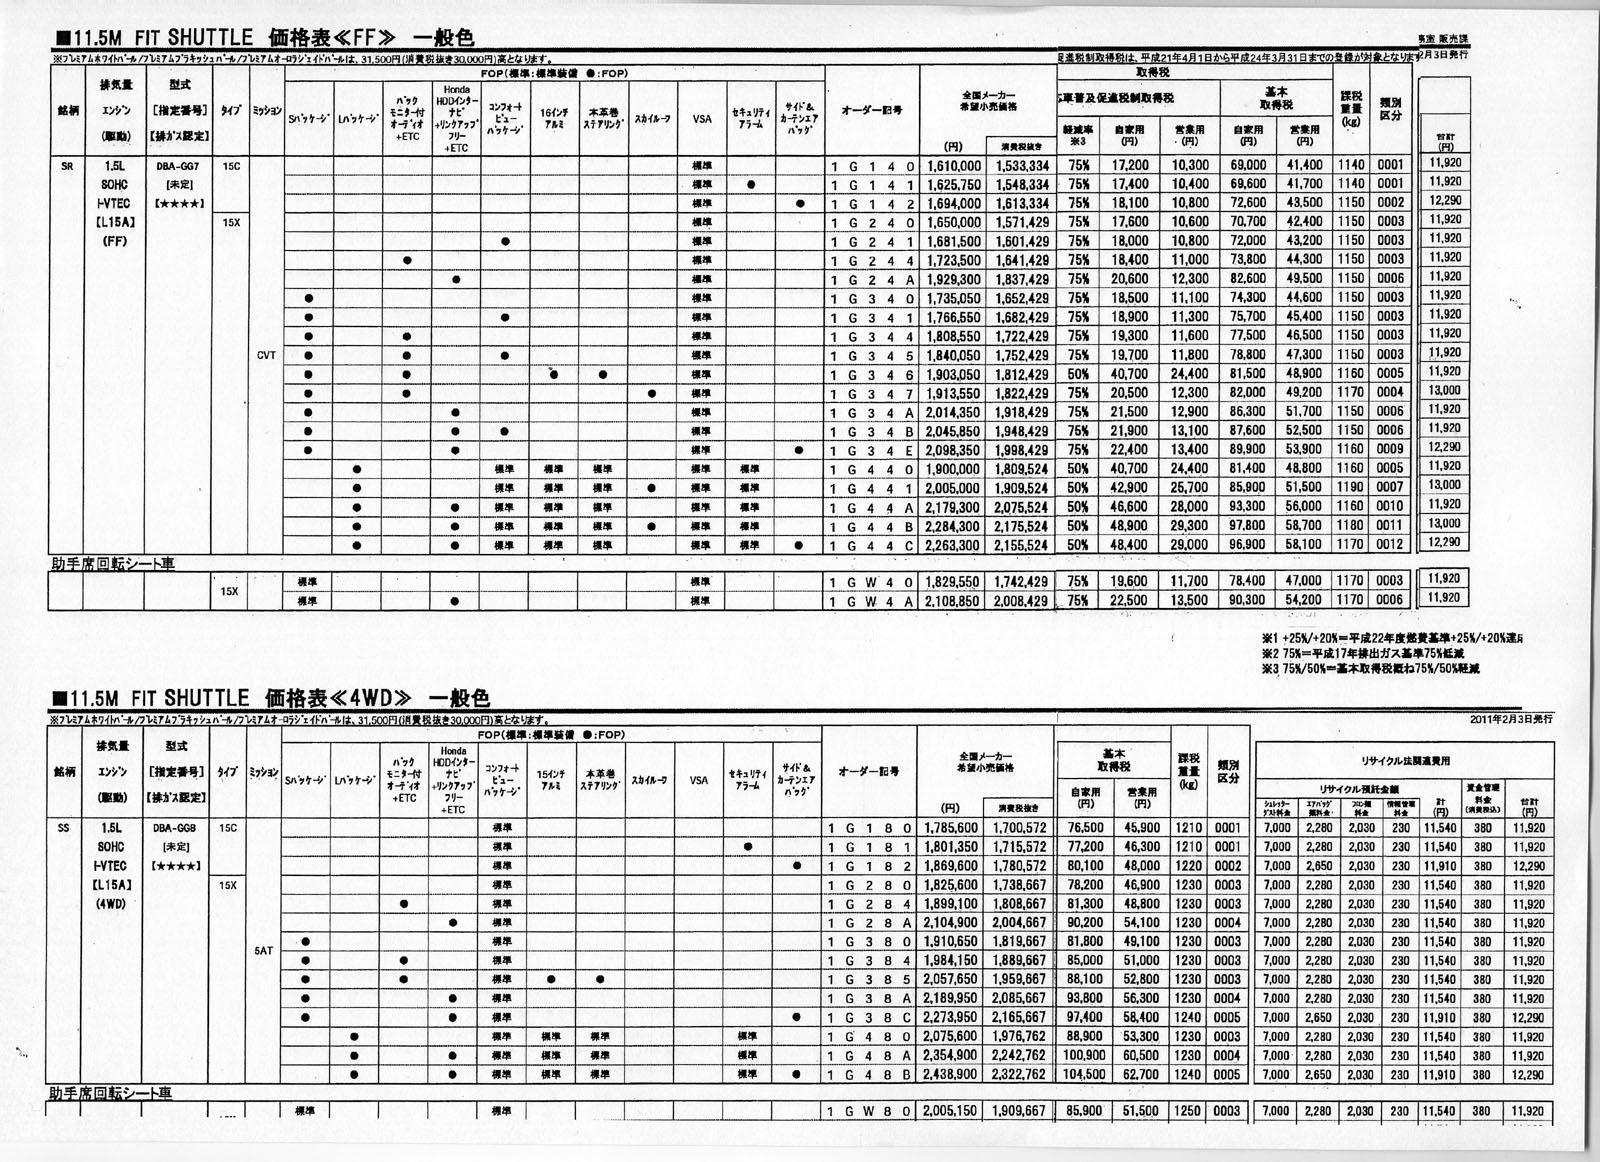 HONDA フィットシャトル 価格表/ハイブリッド初のステーションワゴン